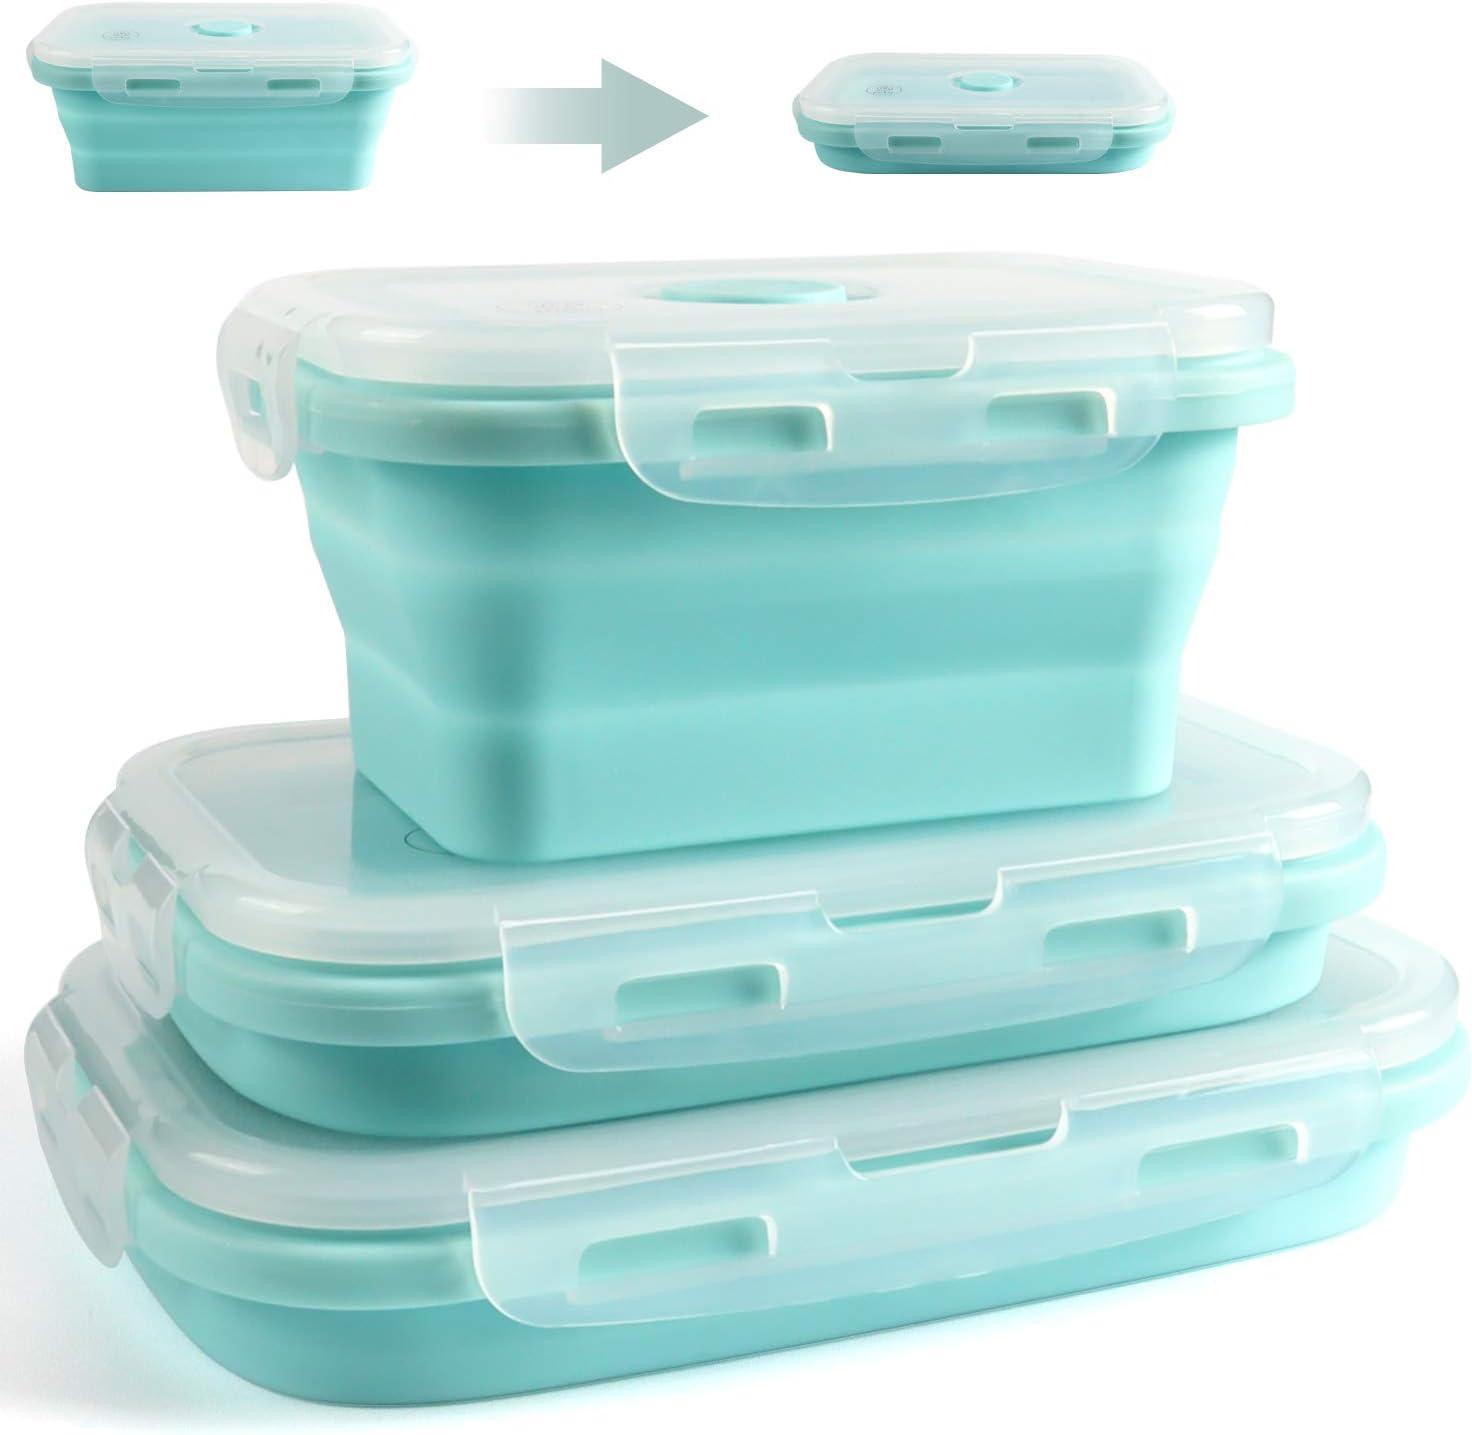 jojobnj 3 Pcs Recipientes de Silicona para Alimentos Fiambrera de Silicona Plegable Almacenamiento de Alimentos para Microondas, Congelador y Lavavajillas